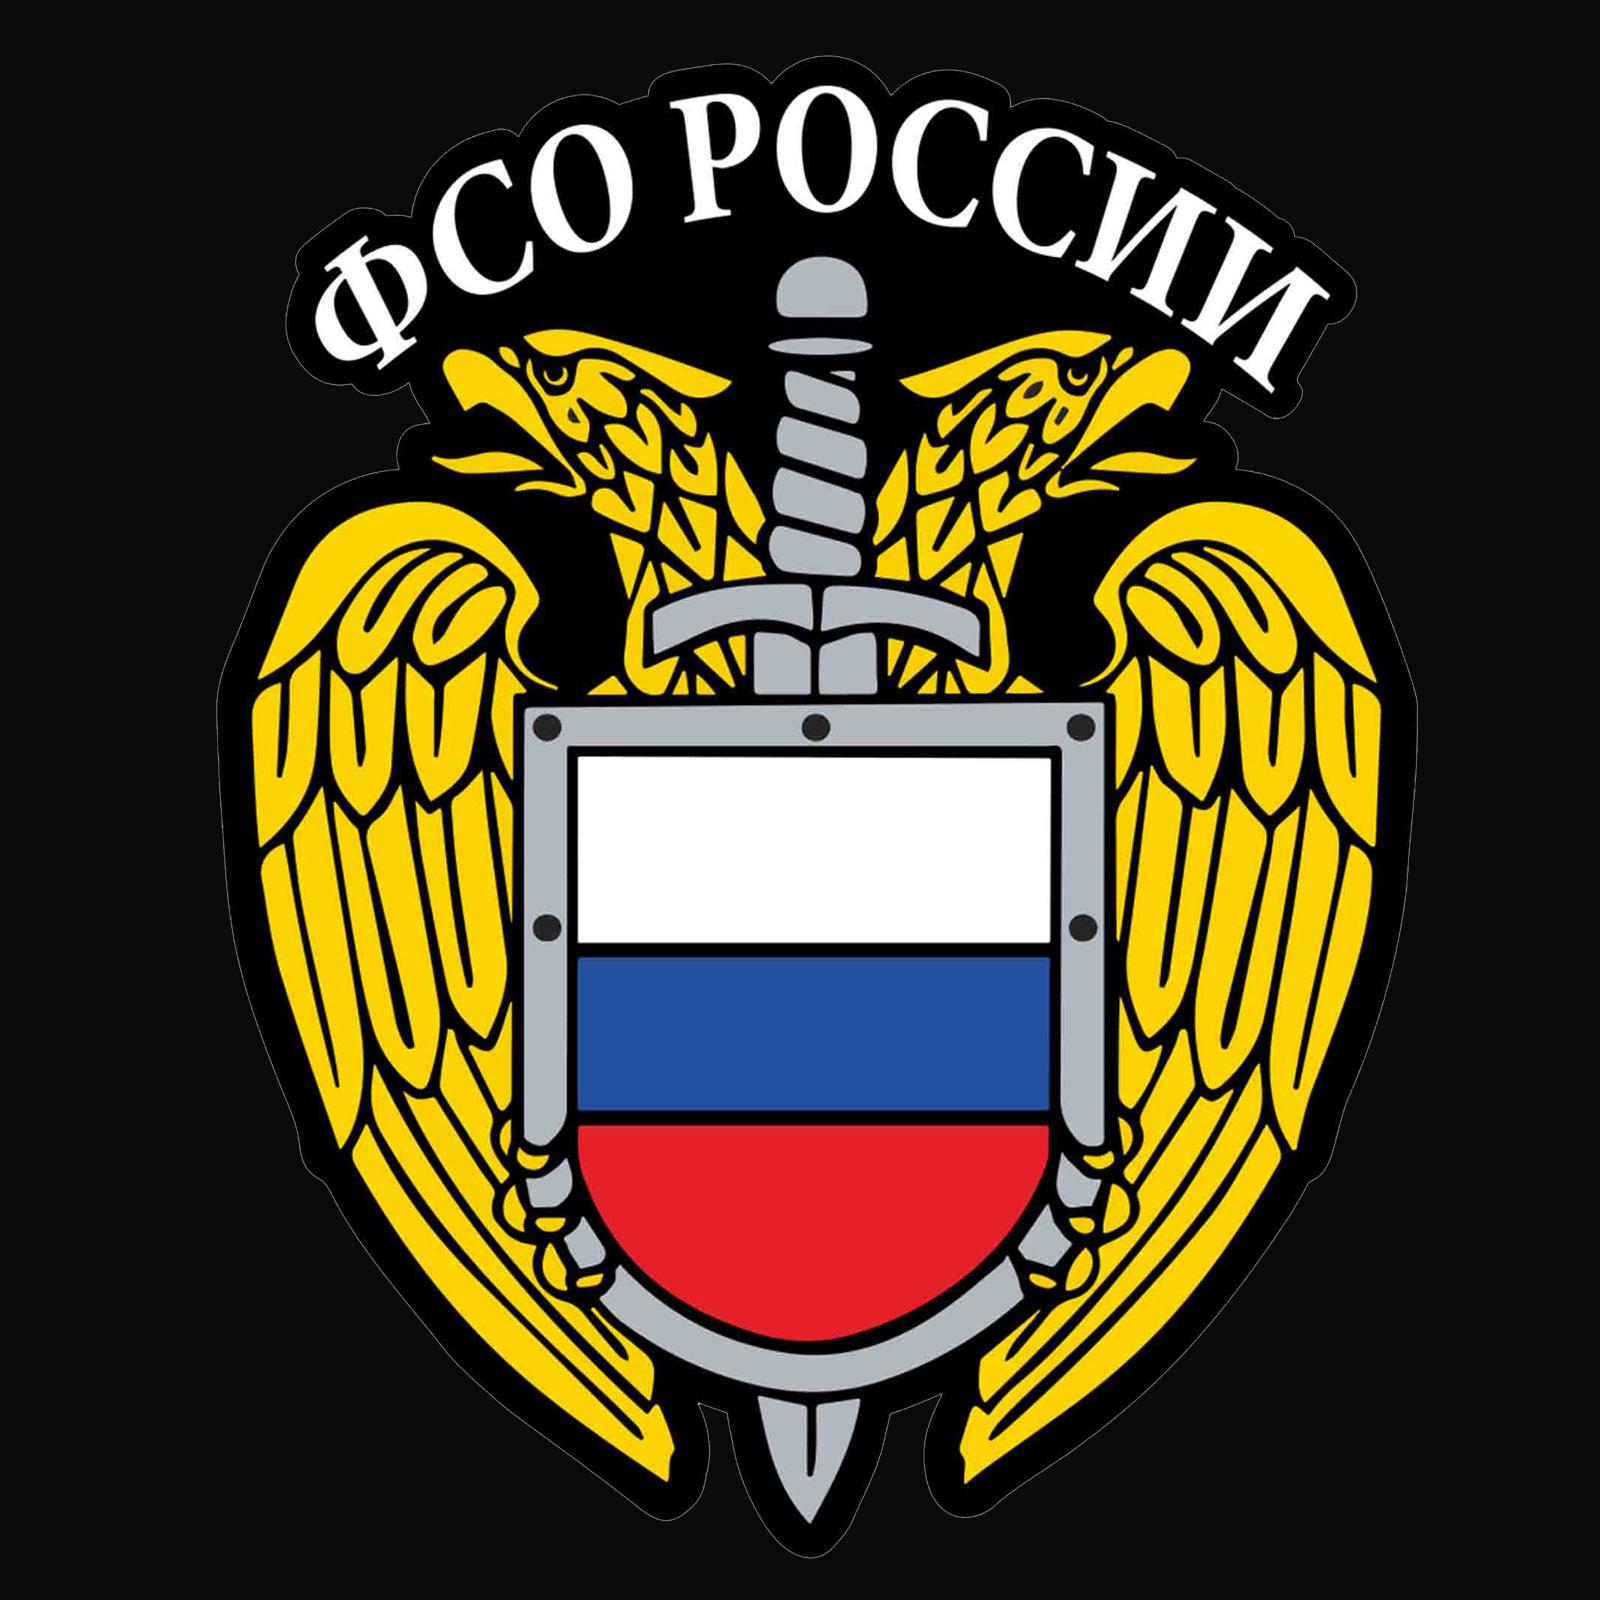 Классическая черная футболка с эмблемой ФСО - термотрансфер